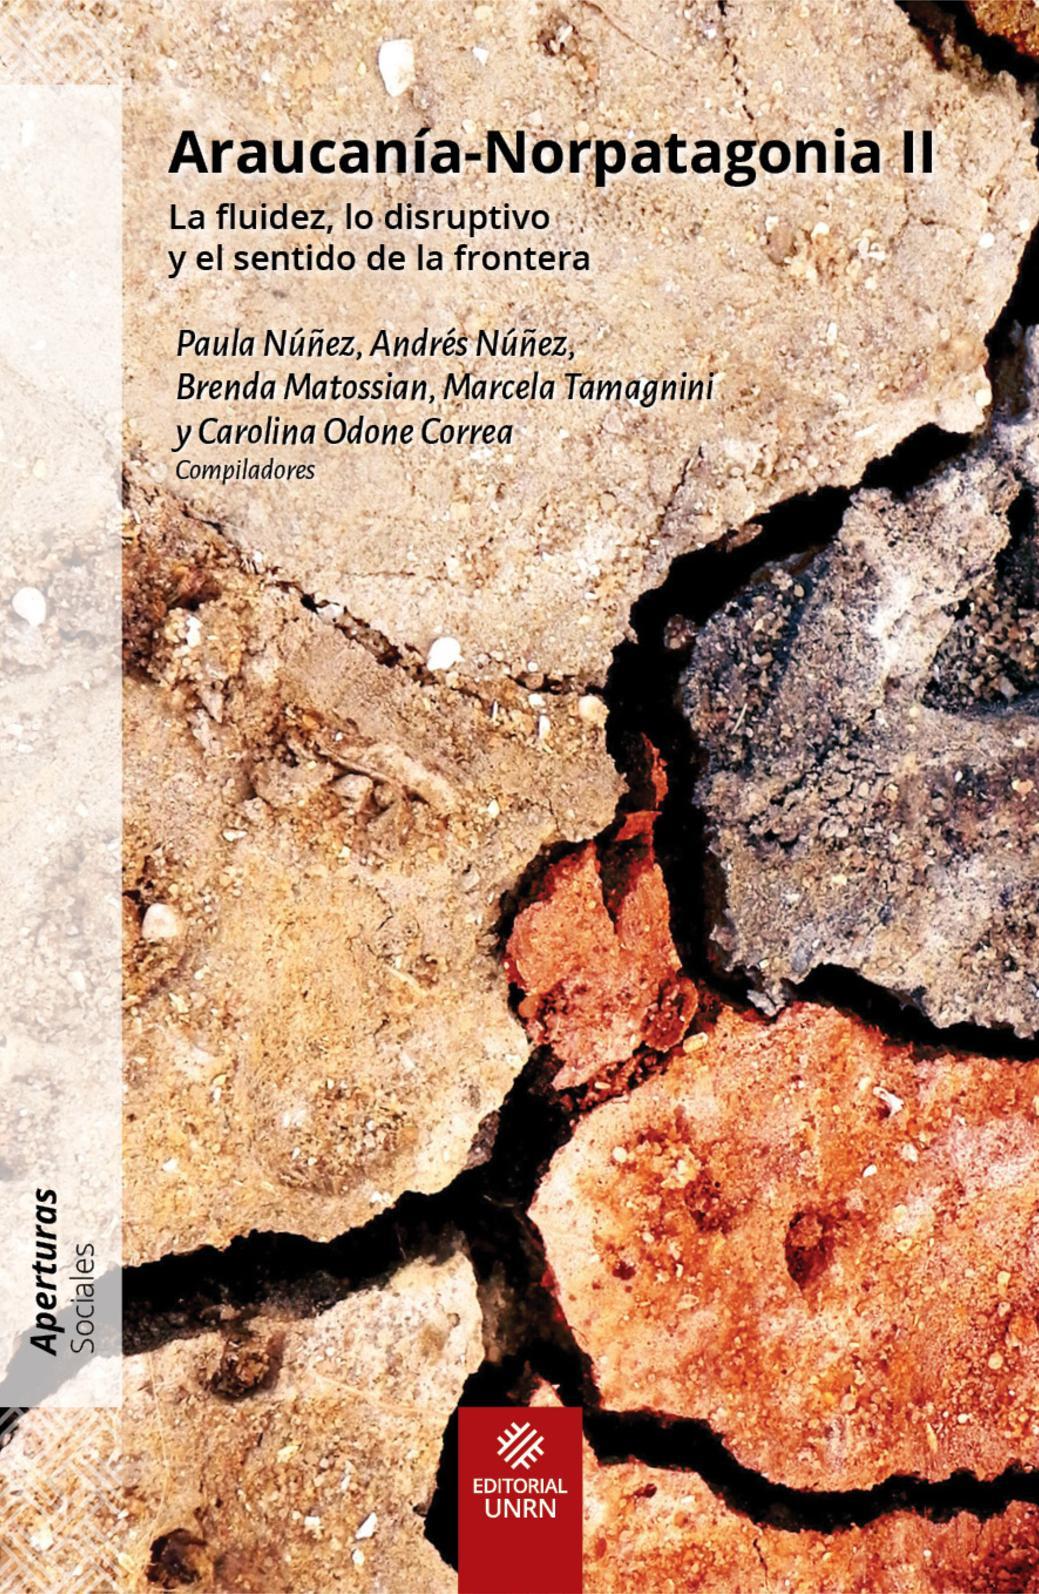 Epub gratis Resistencia social y casos de bandidaje en patagonia descargar libro